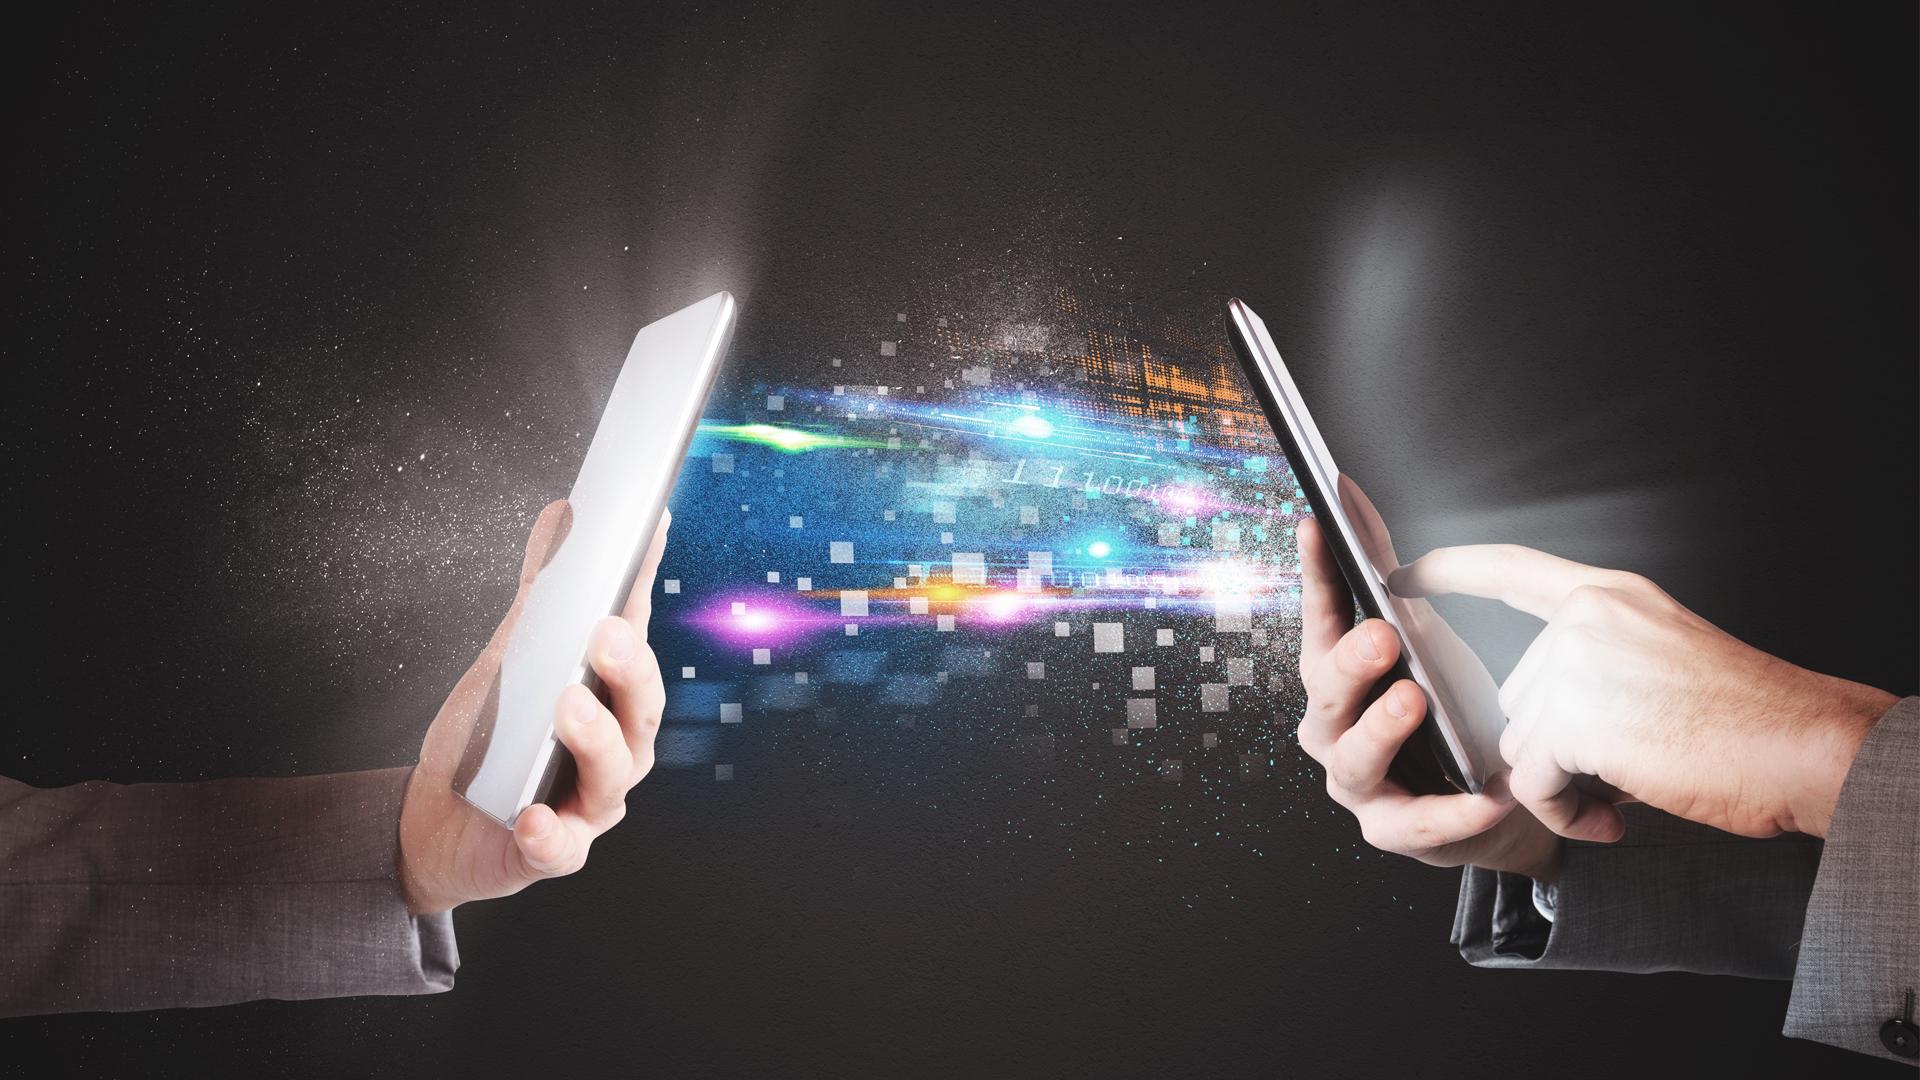 organização digital: dois celulares trocando informações